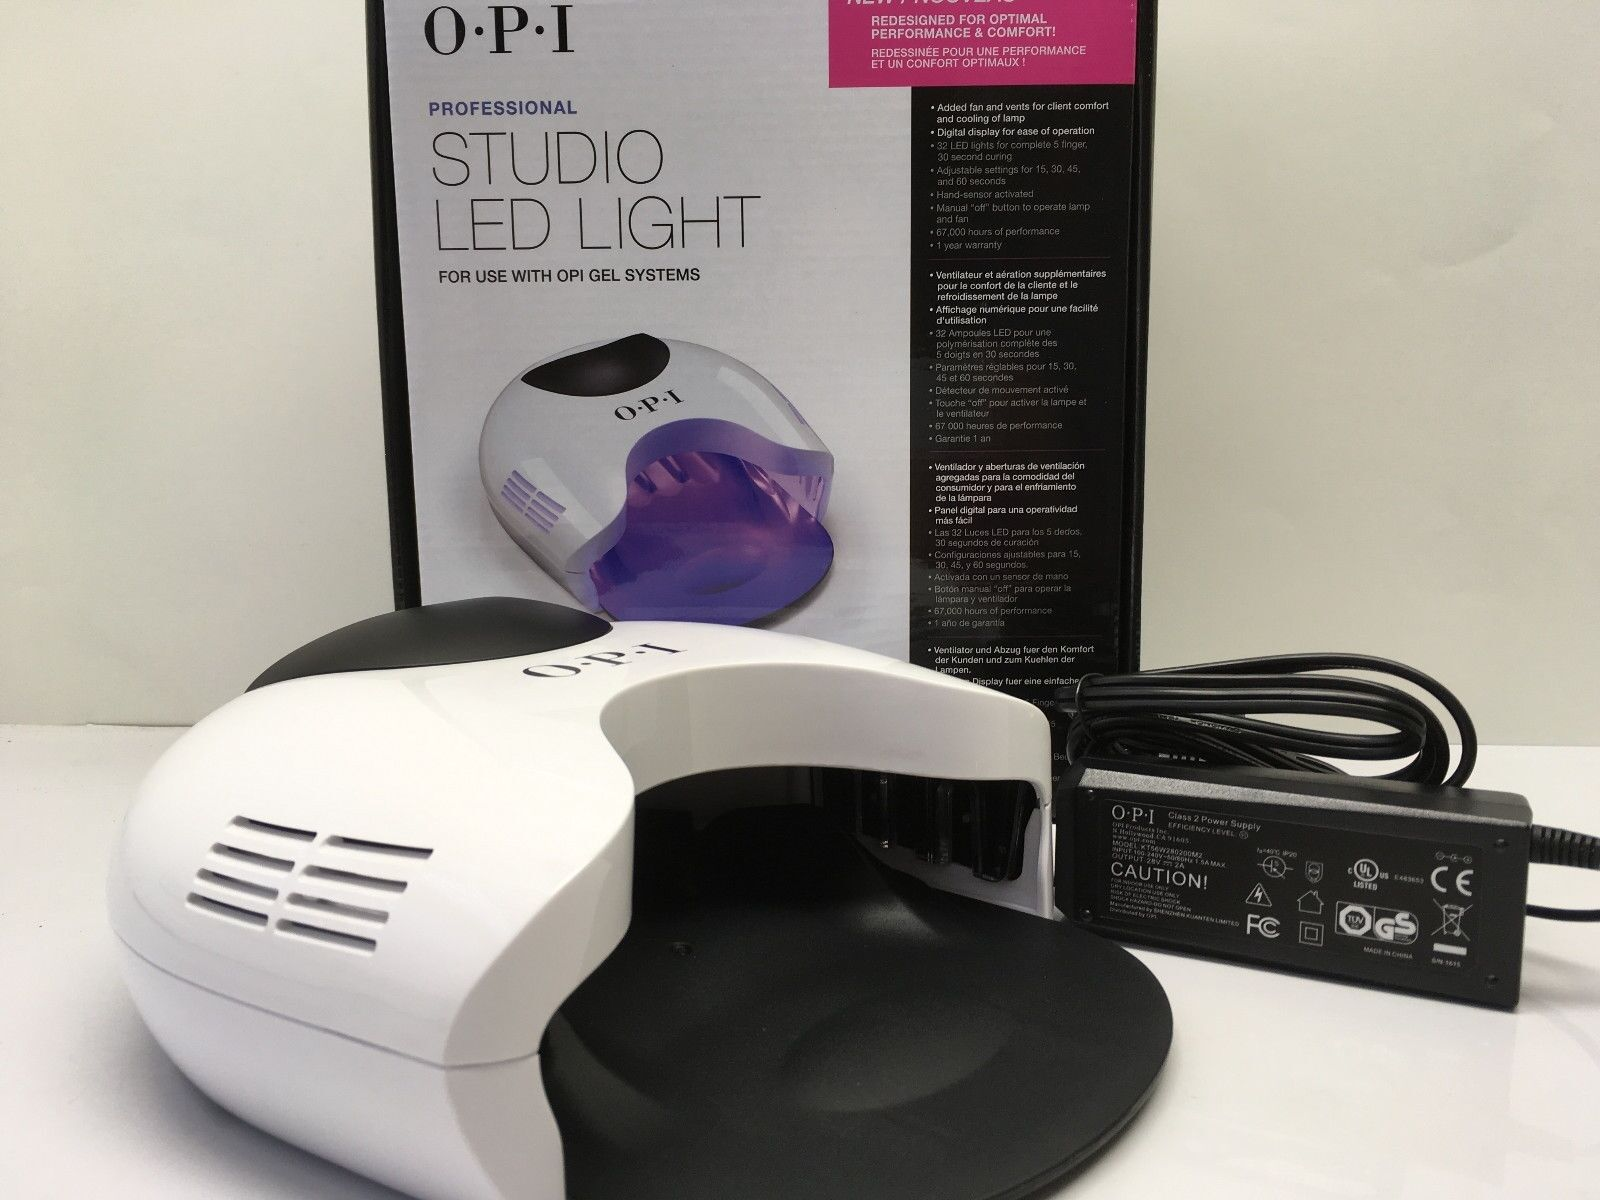 Opi Gelcolor Studio Led Light Lamp Gel Dryer 110v 240v